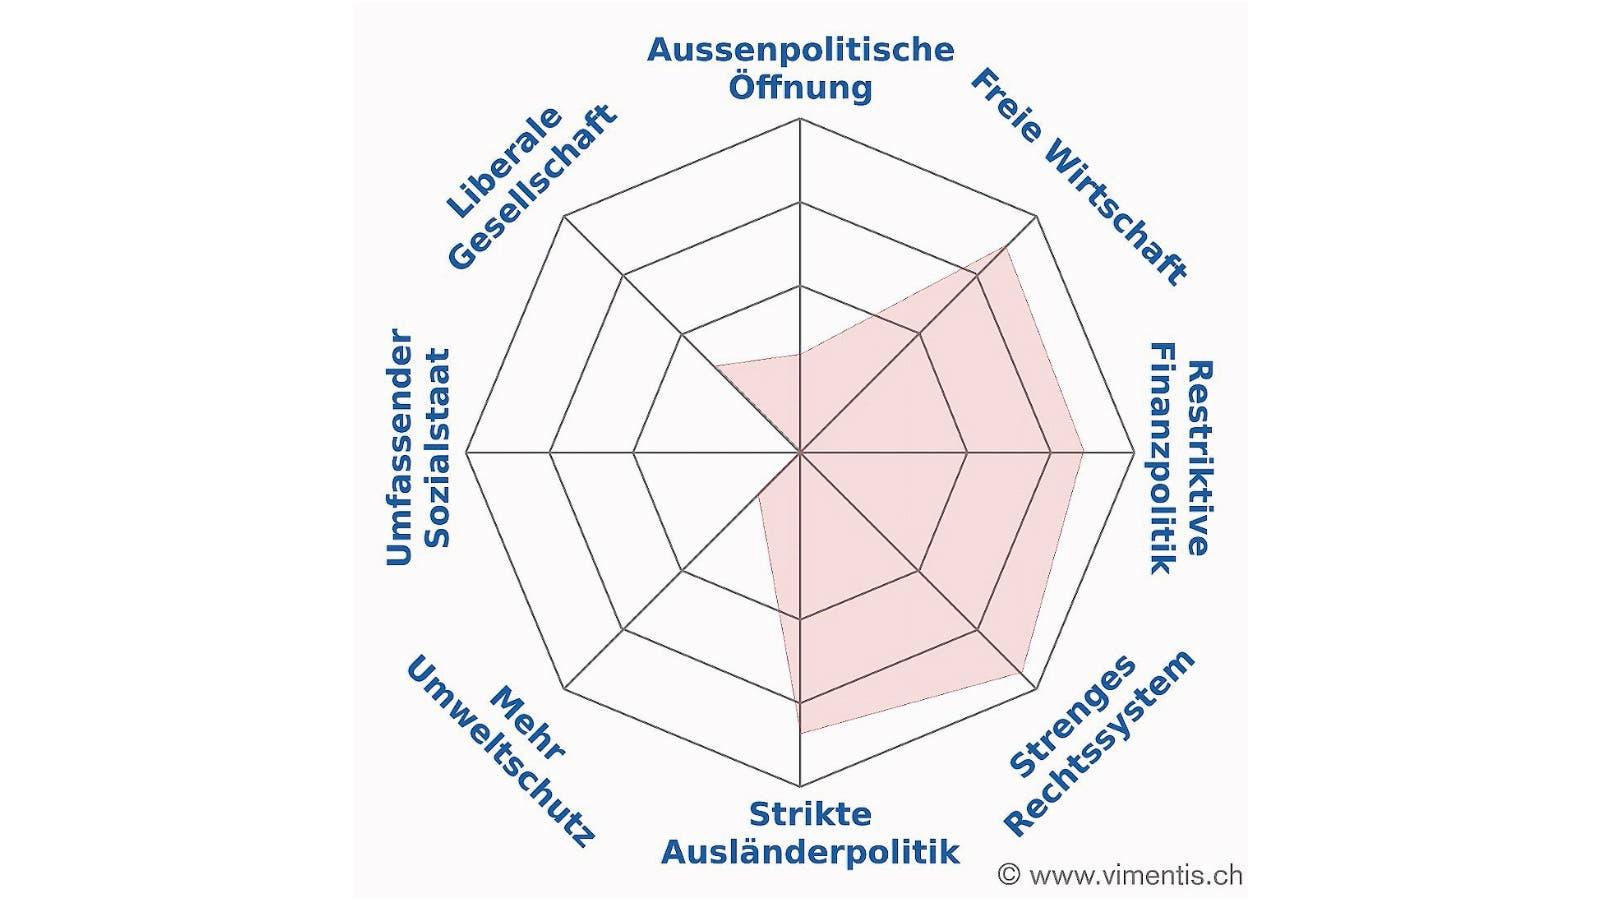 Vimentis-Spider von Thierry Burkart, FDP Baden